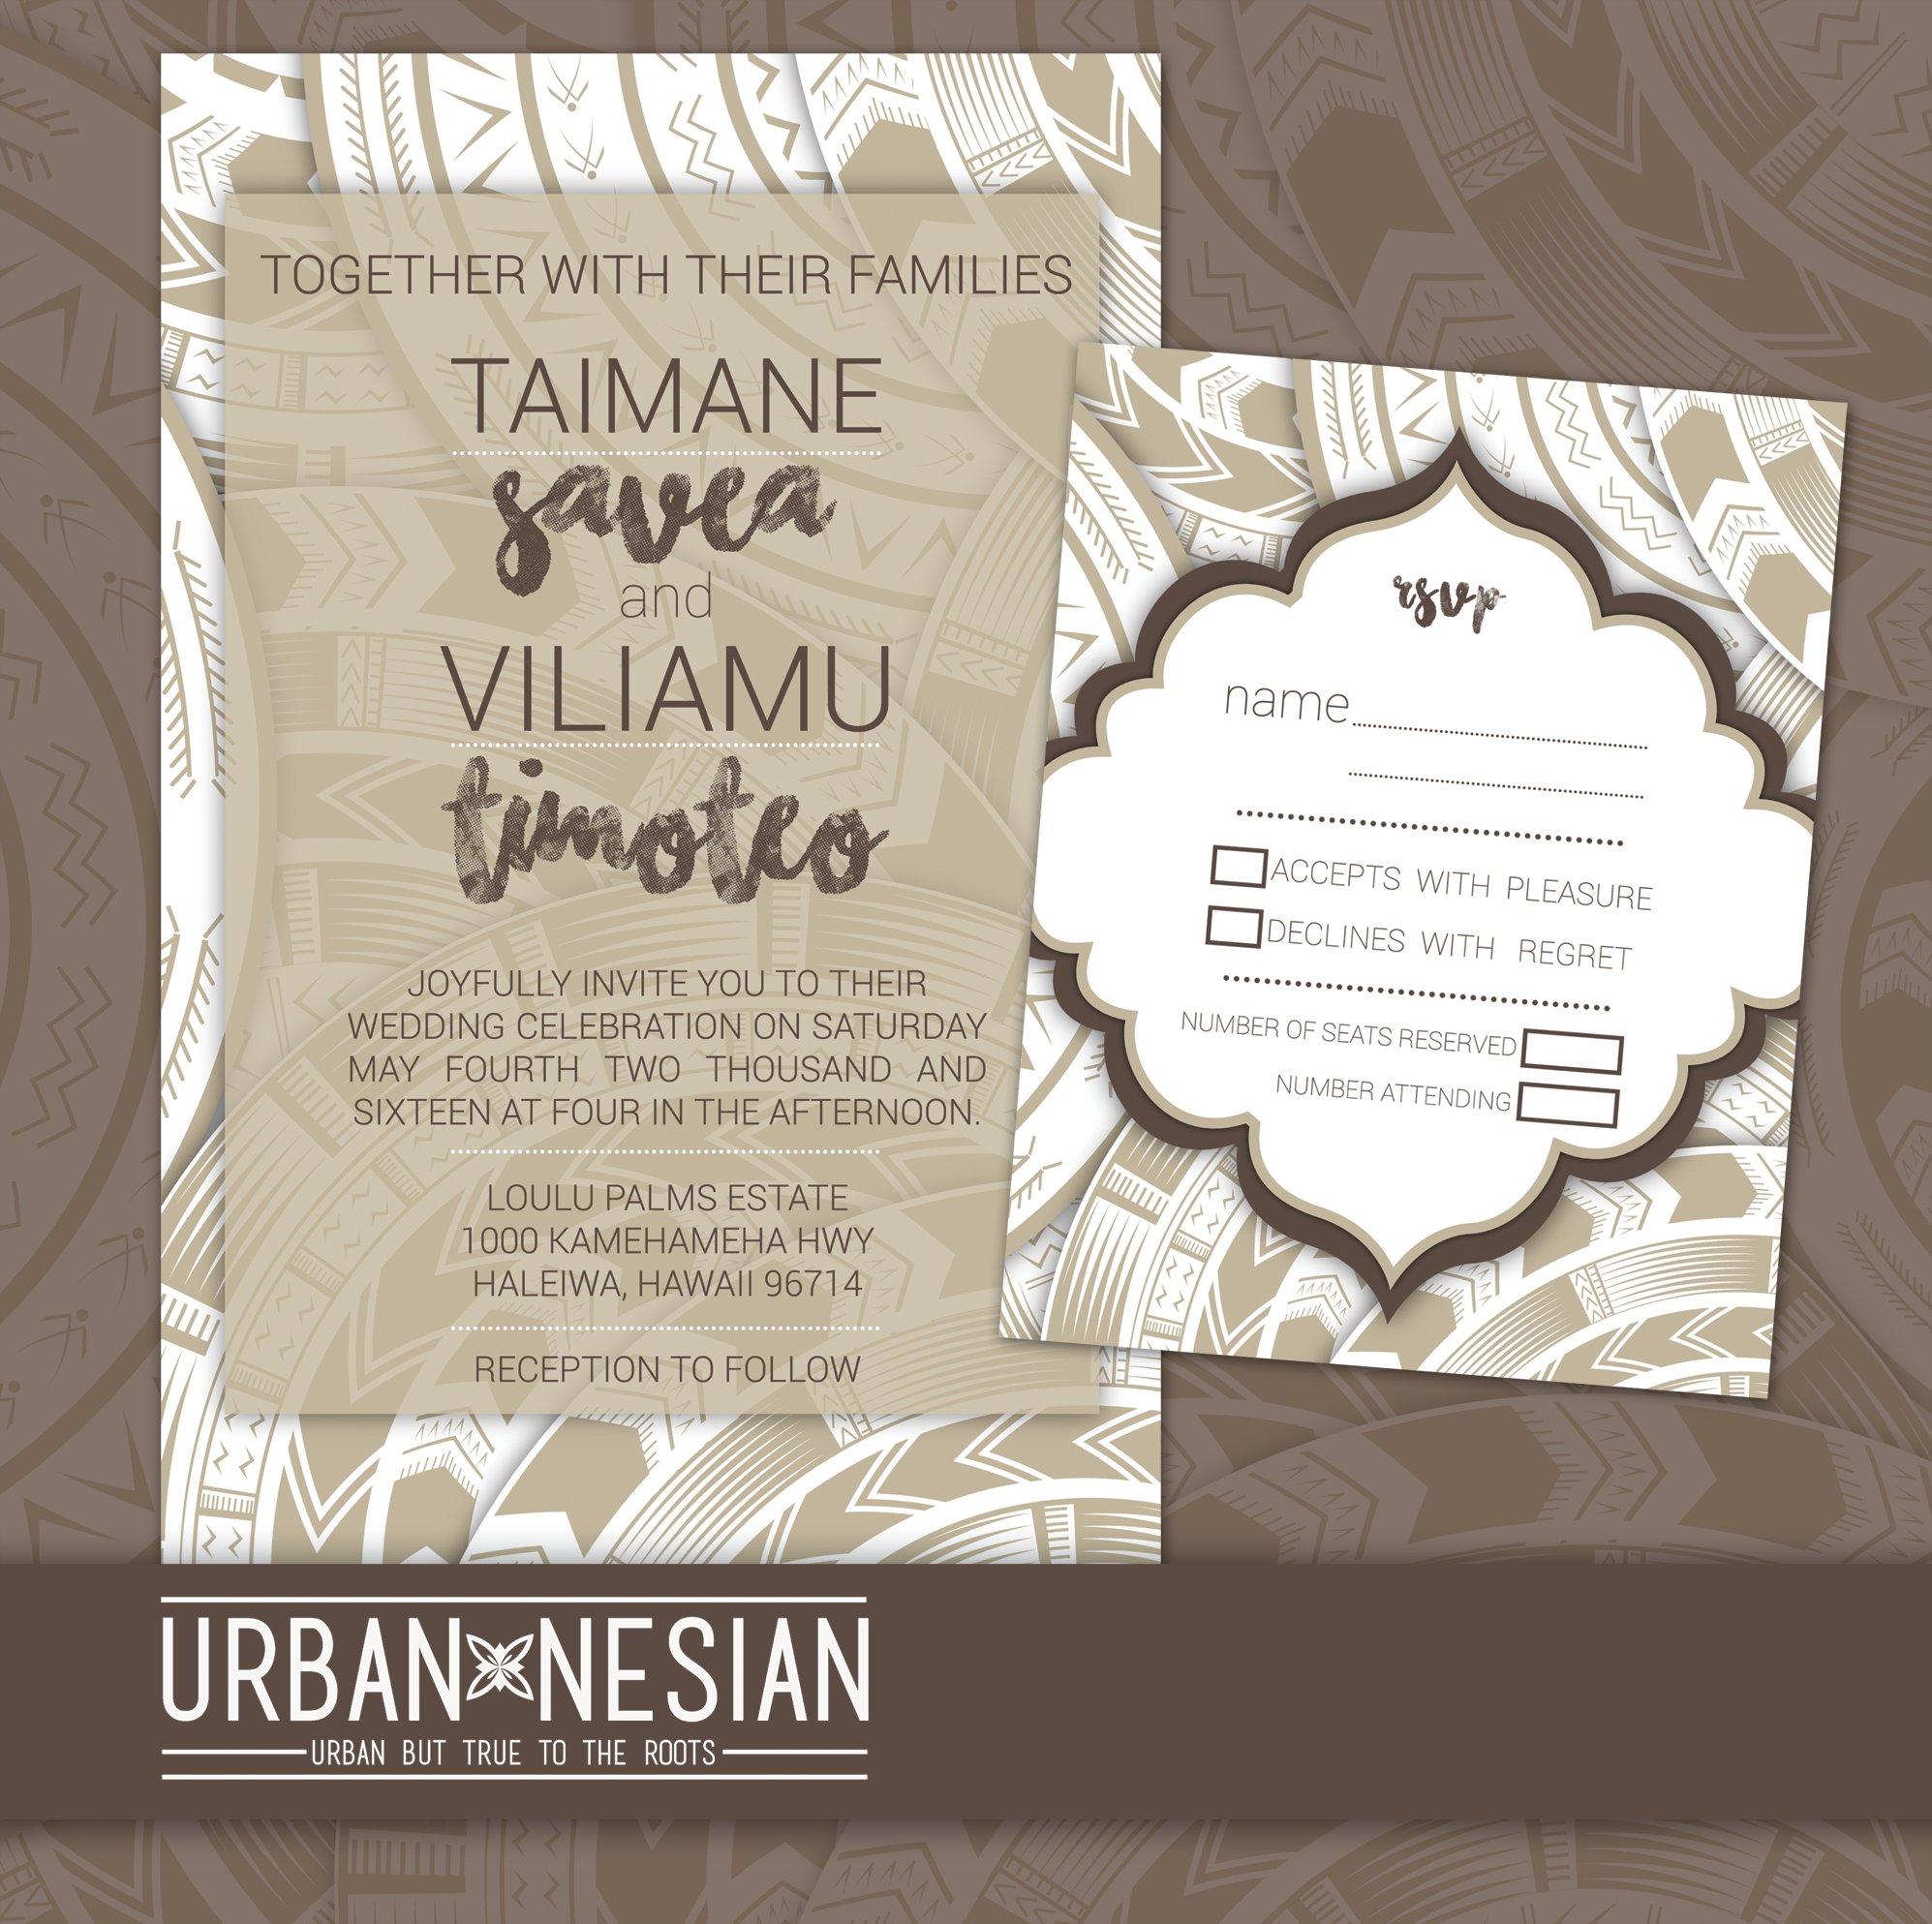 Urbannesian Samoan Tatau Wedding Invitation Rsvp Card Grey